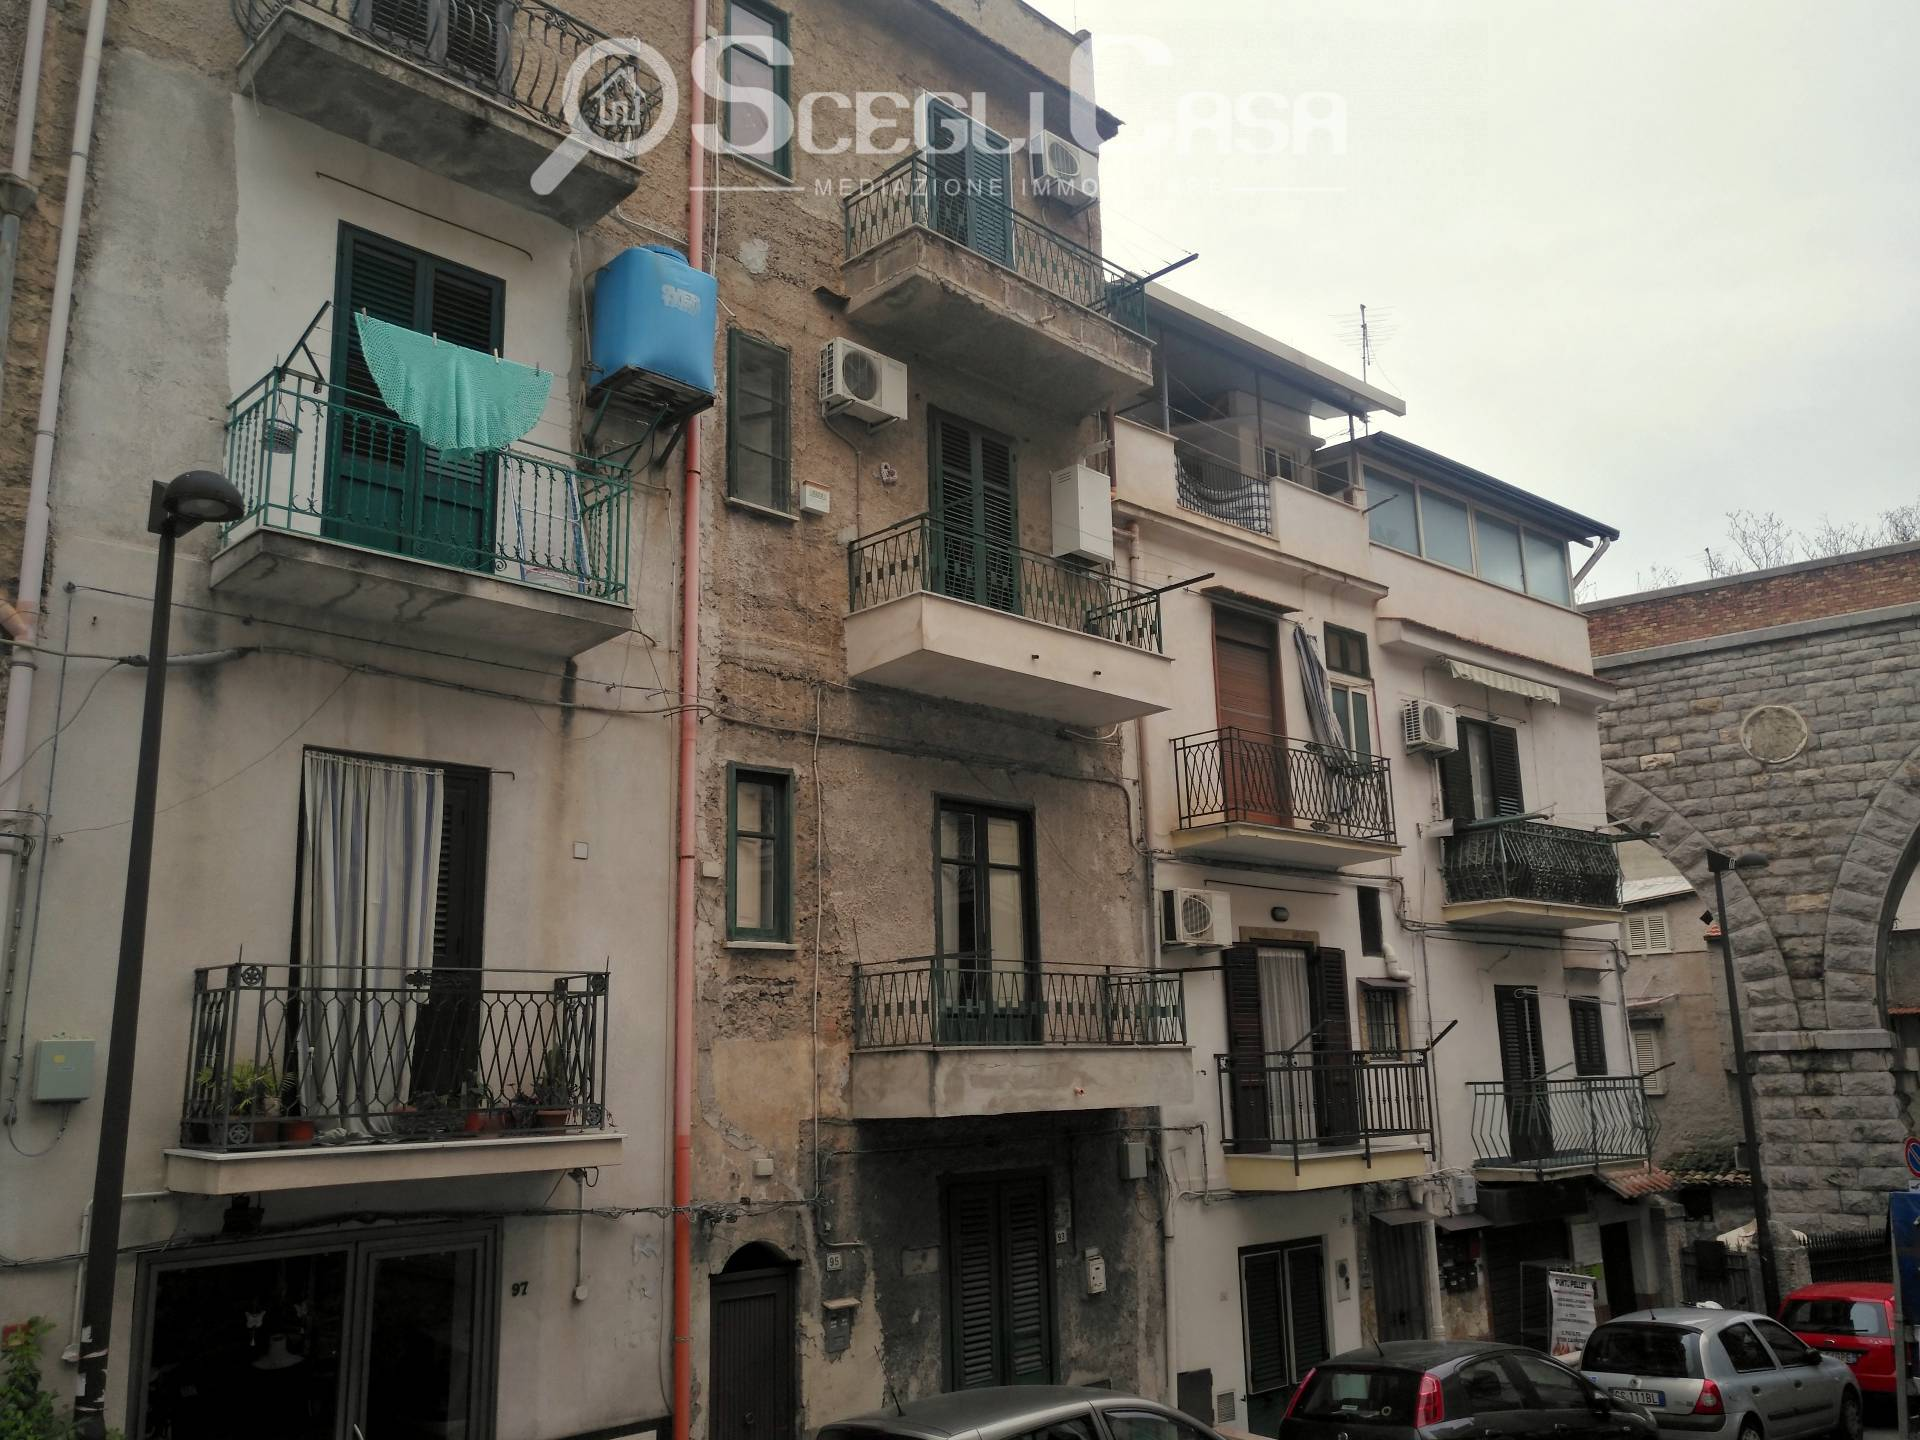 APPARTAMENTO in Affitto a Boccadifalco, Palermo (PALERMO)